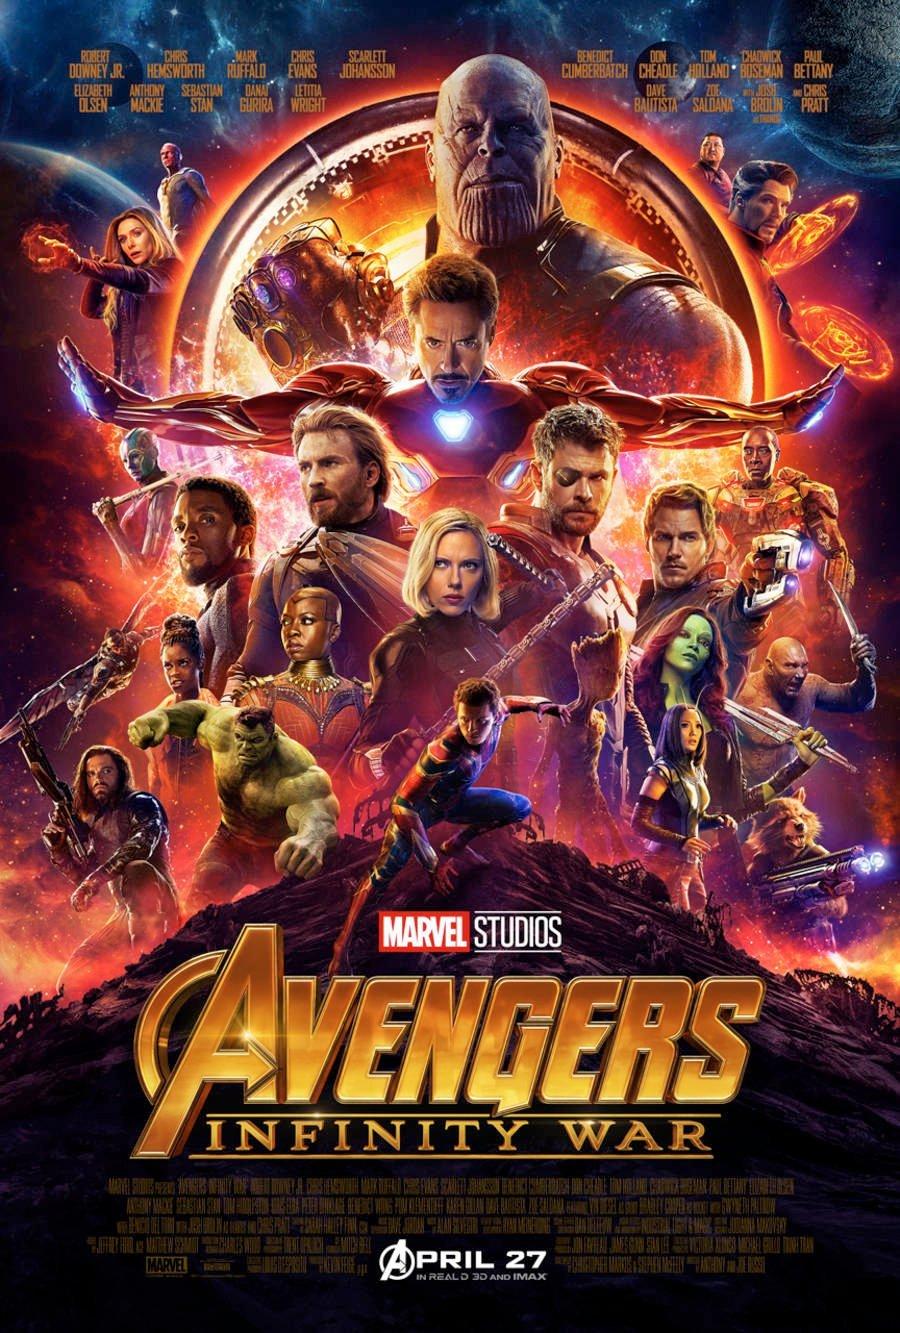 avengers-infinity-war-poster-1093756.jpg